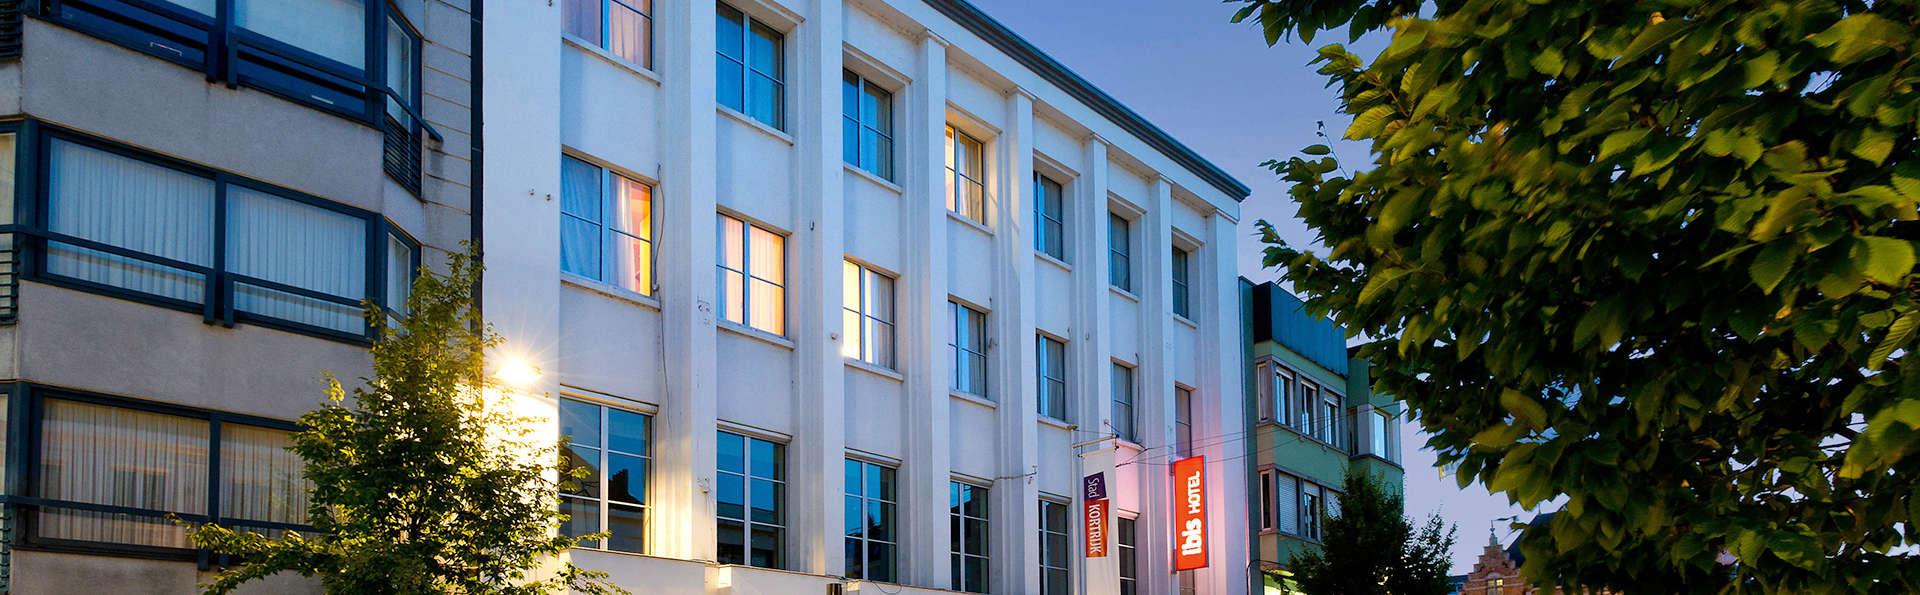 Hotel Ibis Kortrijk - Edit_Front.jpg